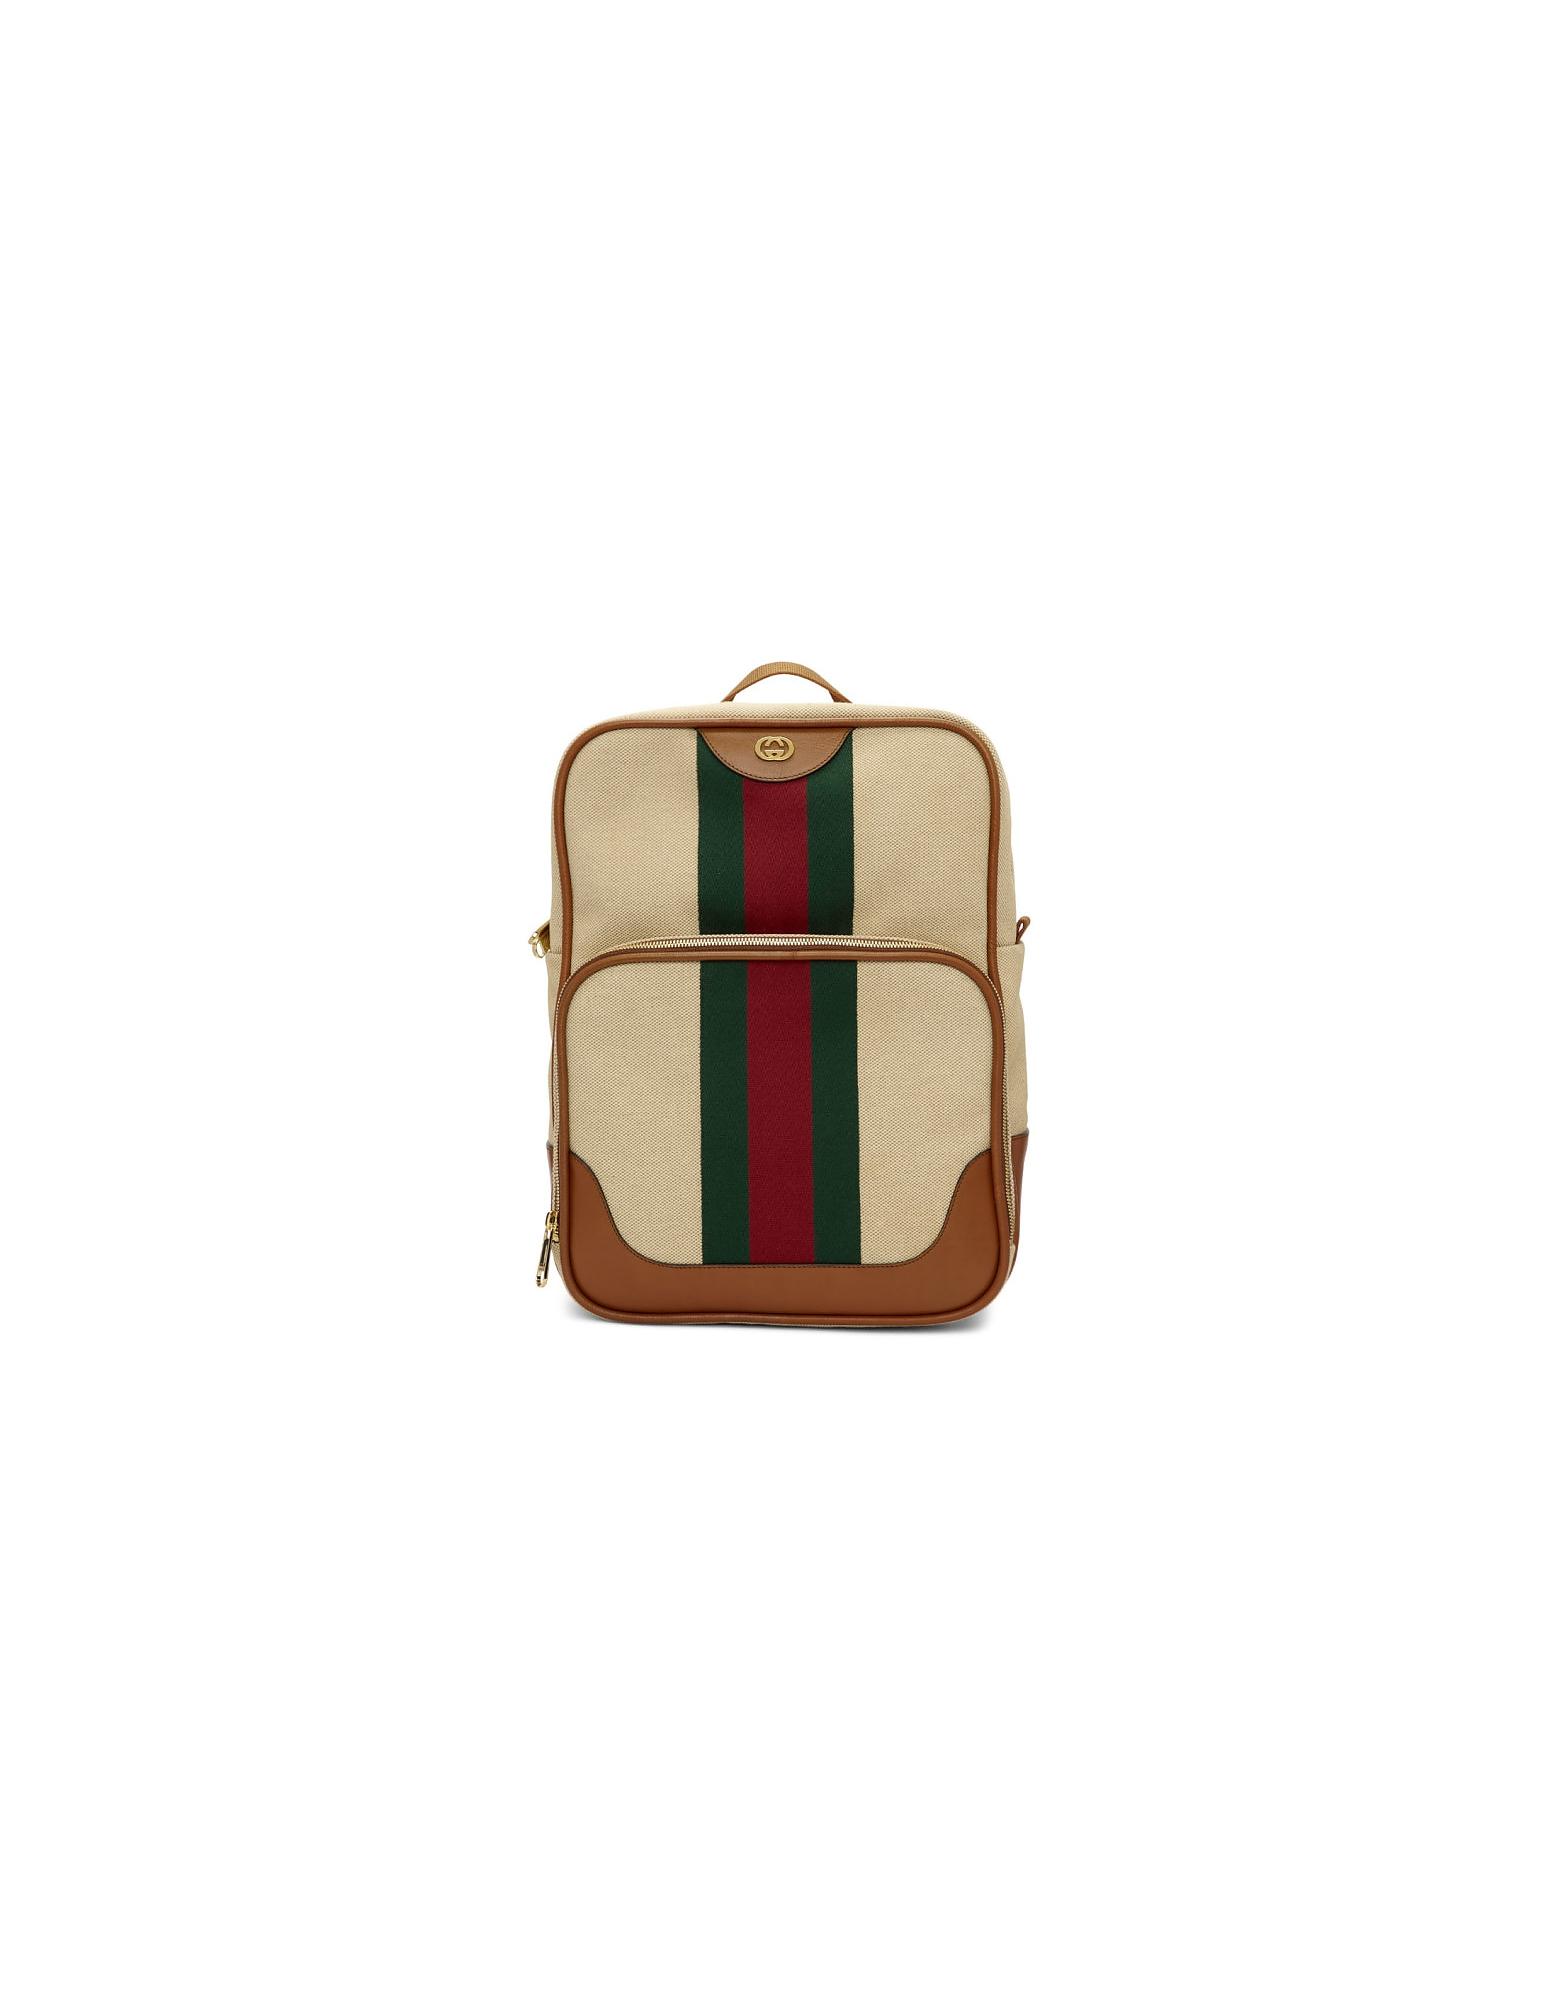 Gucci Designer Men's Bags, Beige Canvas Vintage Backpack